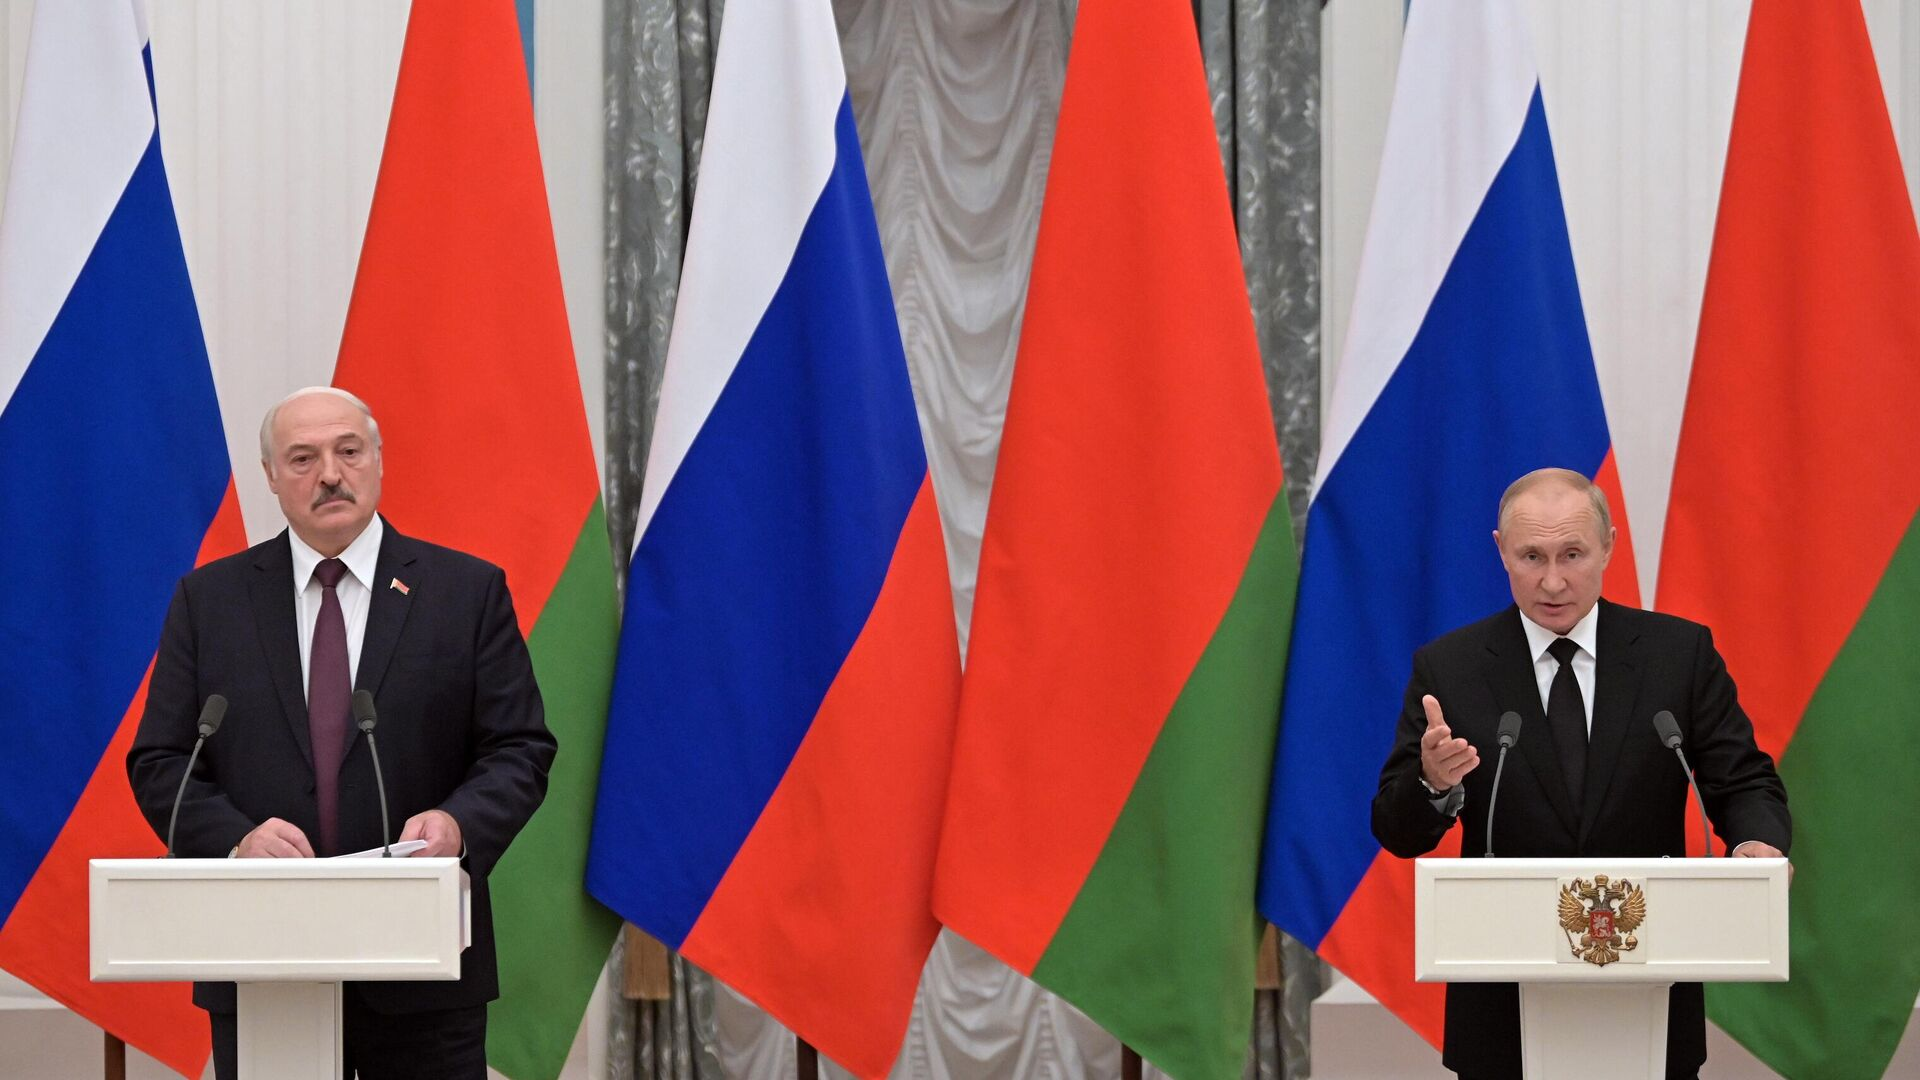 Президент РФ Владимир Путин и президент Белоруссии Александр Лукашенко во время совместной пресс-конференции по итогам встречи - РИА Новости, 1920, 14.09.2021